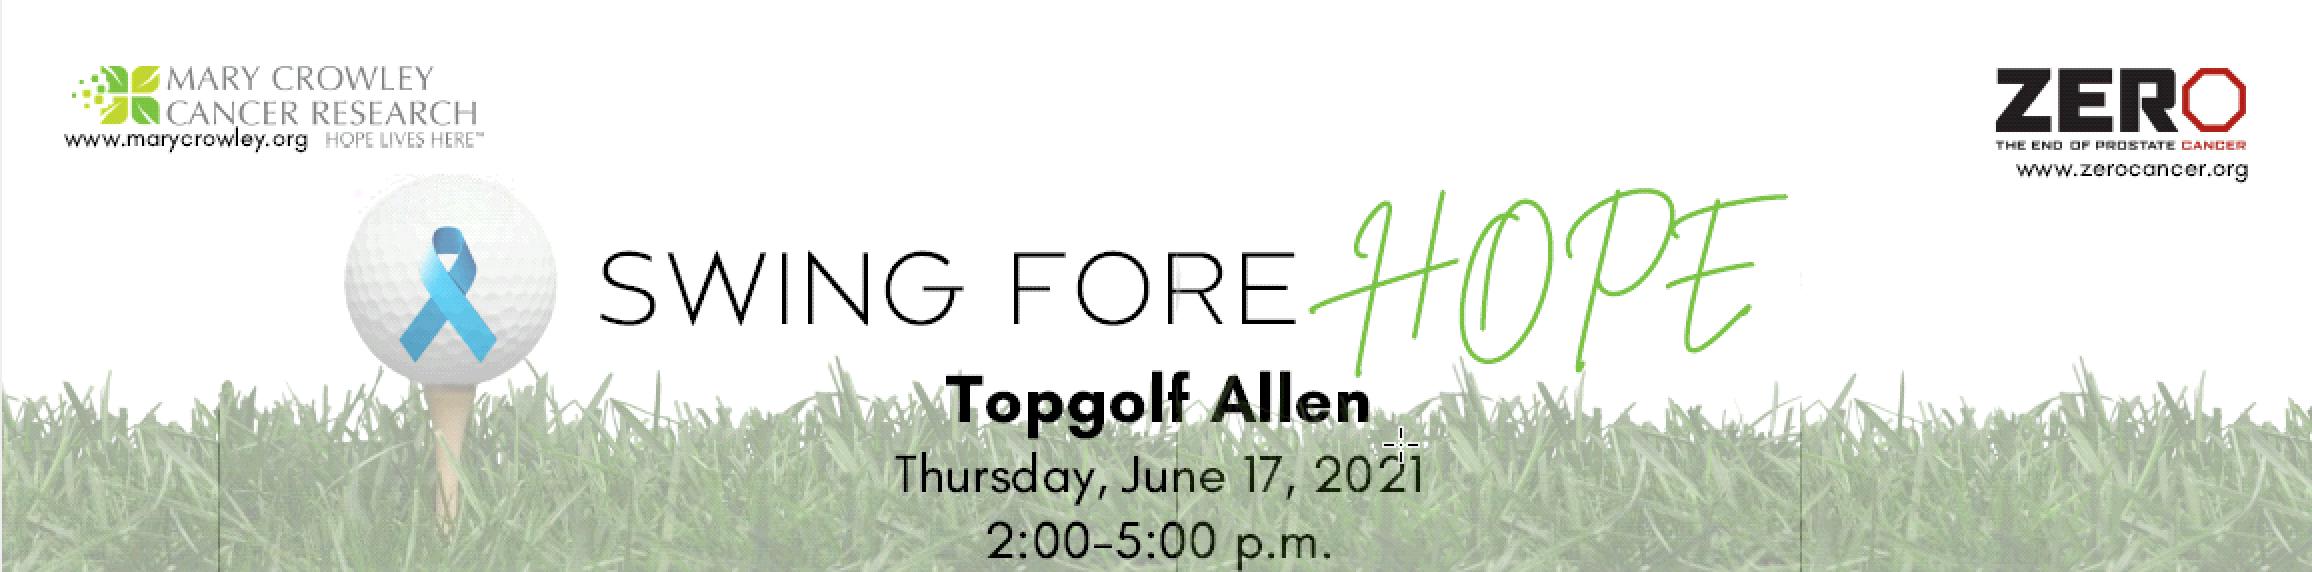 2021 Swing Fore Hope - Topgolf Allen